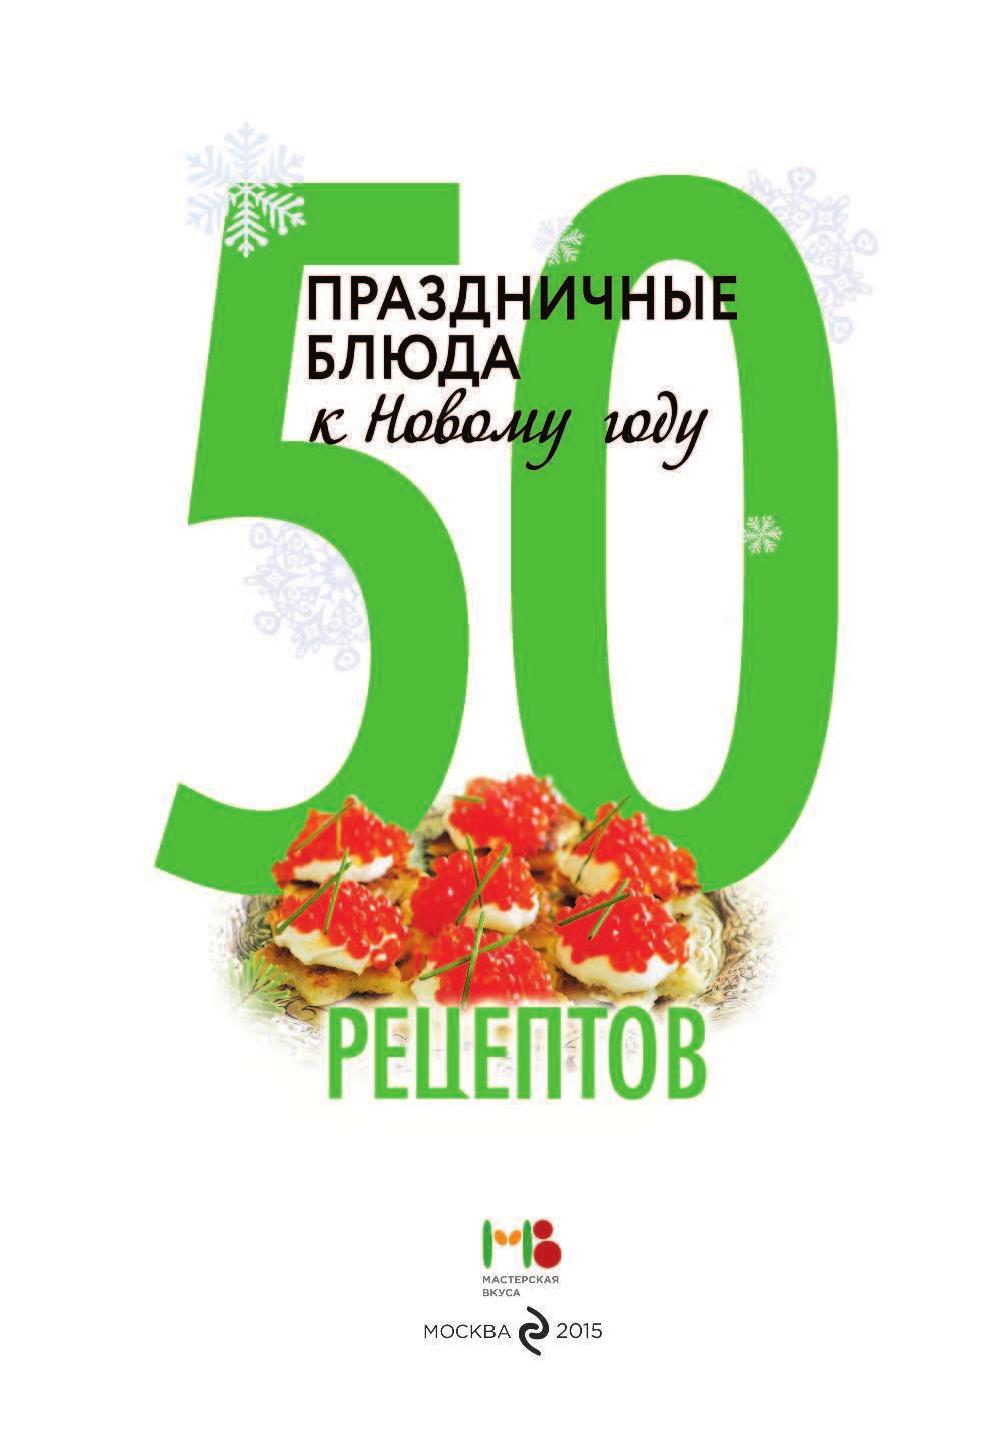 50 рецептов праздничные блюда к новому году